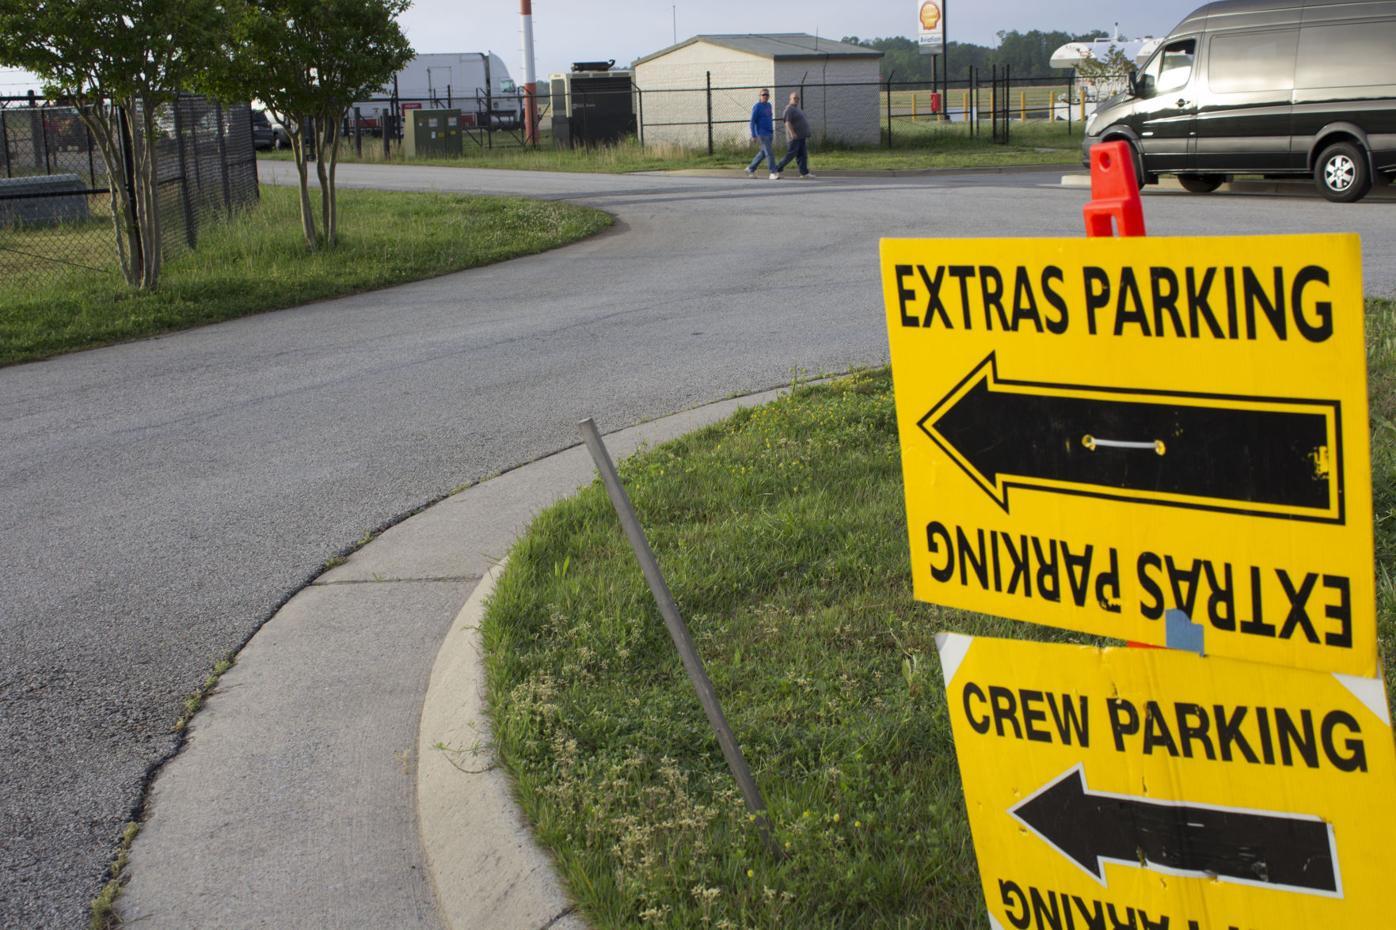 Movie parking